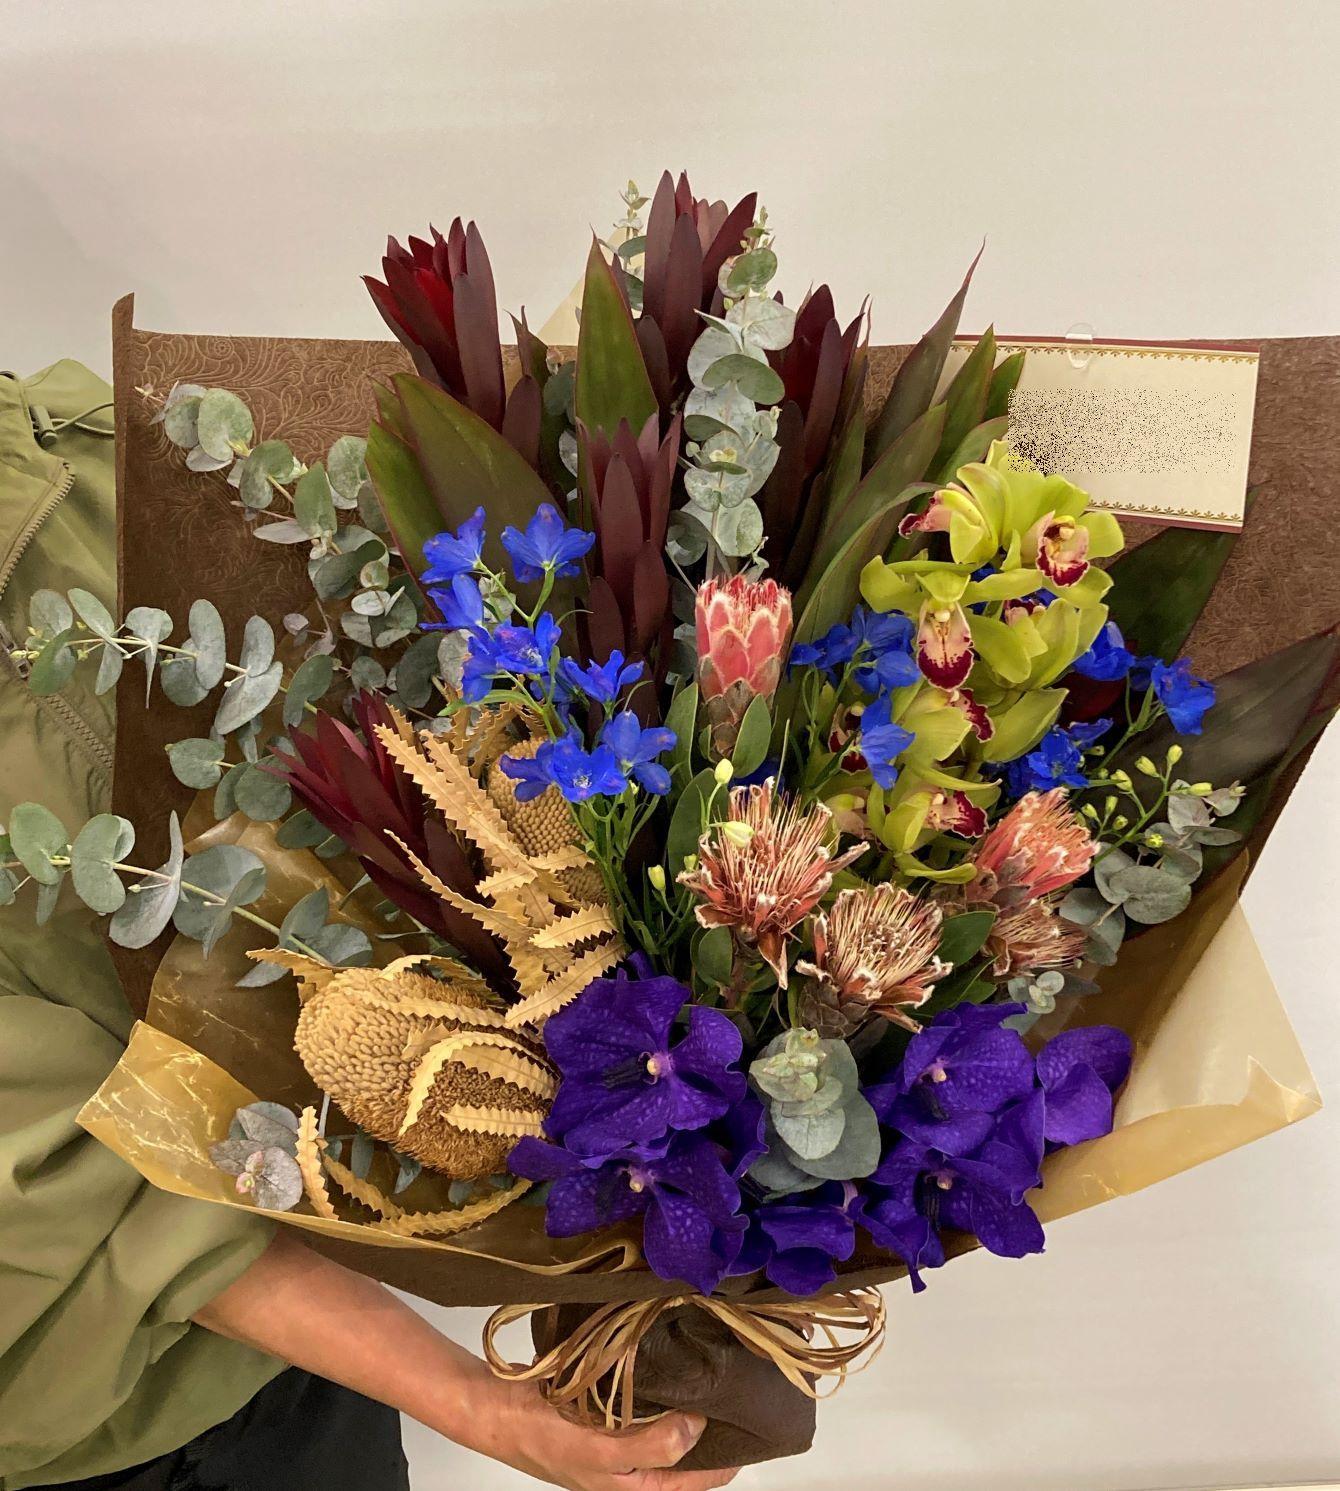 横浜ロイヤルパークホテルへ花束を配達しました。【横浜花屋の花束・スタンド花・胡蝶蘭・バルーン・アレンジメント配達事例879】